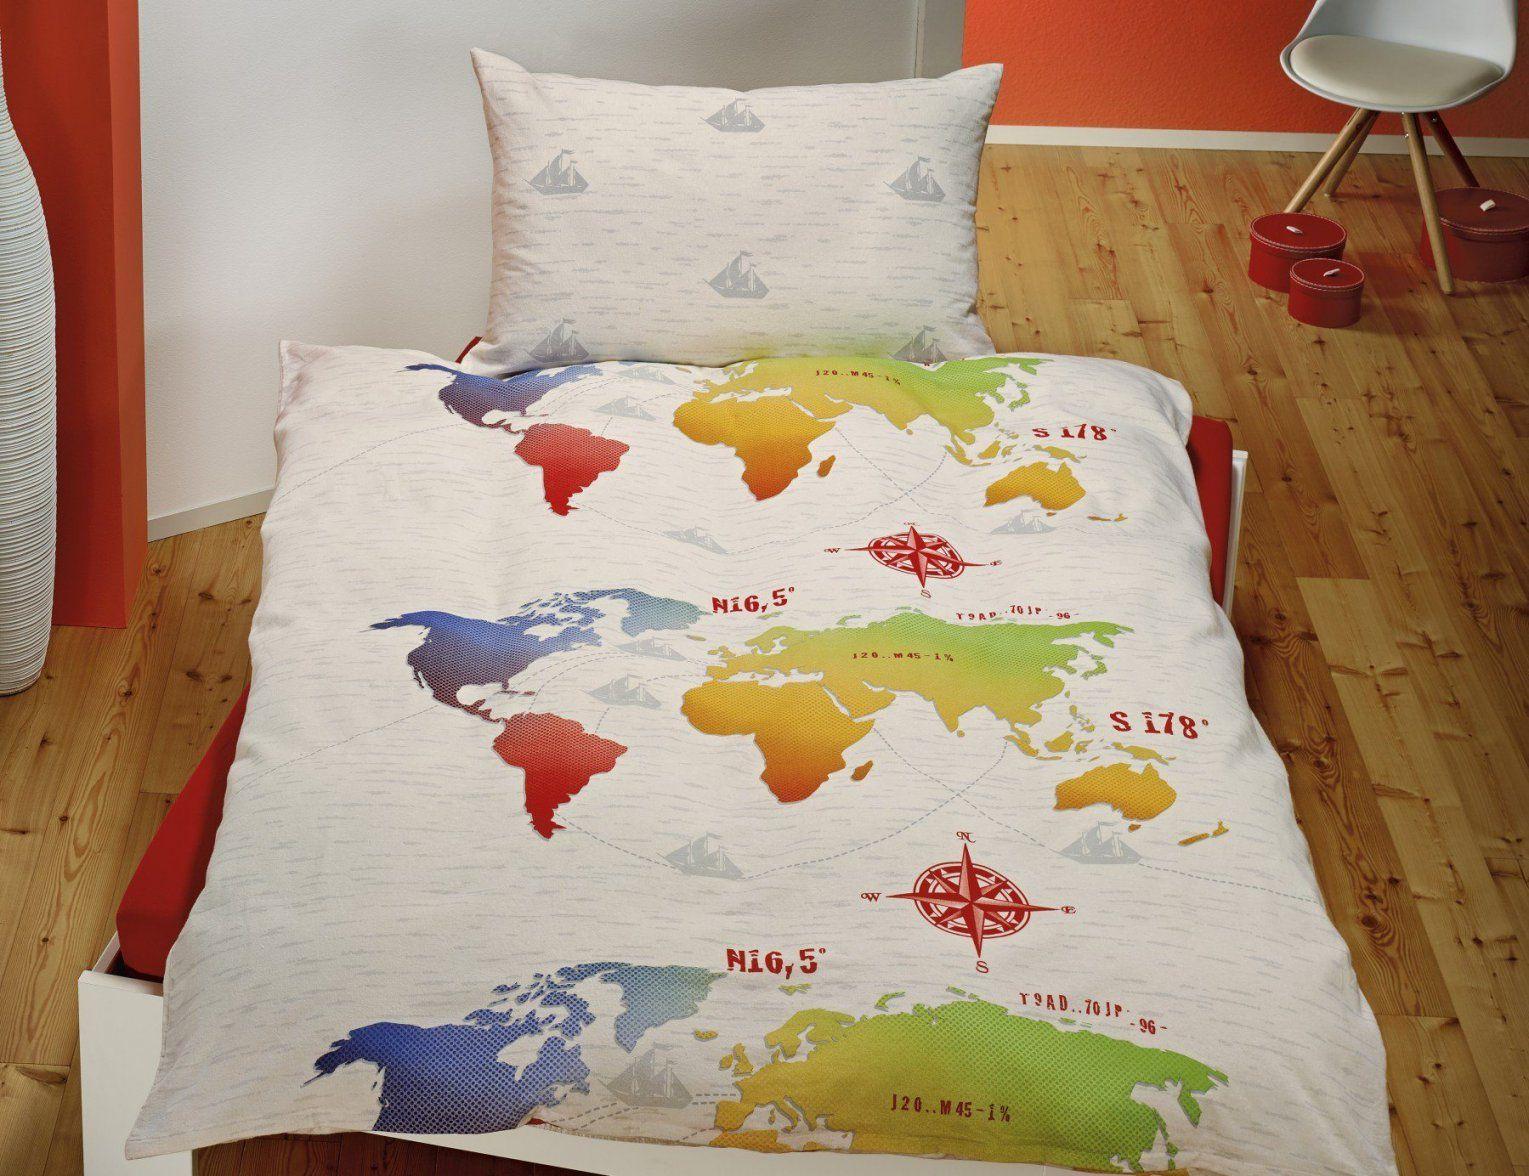 Bettwasche Kariert Dekor Bettwäsche Weltkarte – Haus Design von Julia Grote Bettwäsche Photo